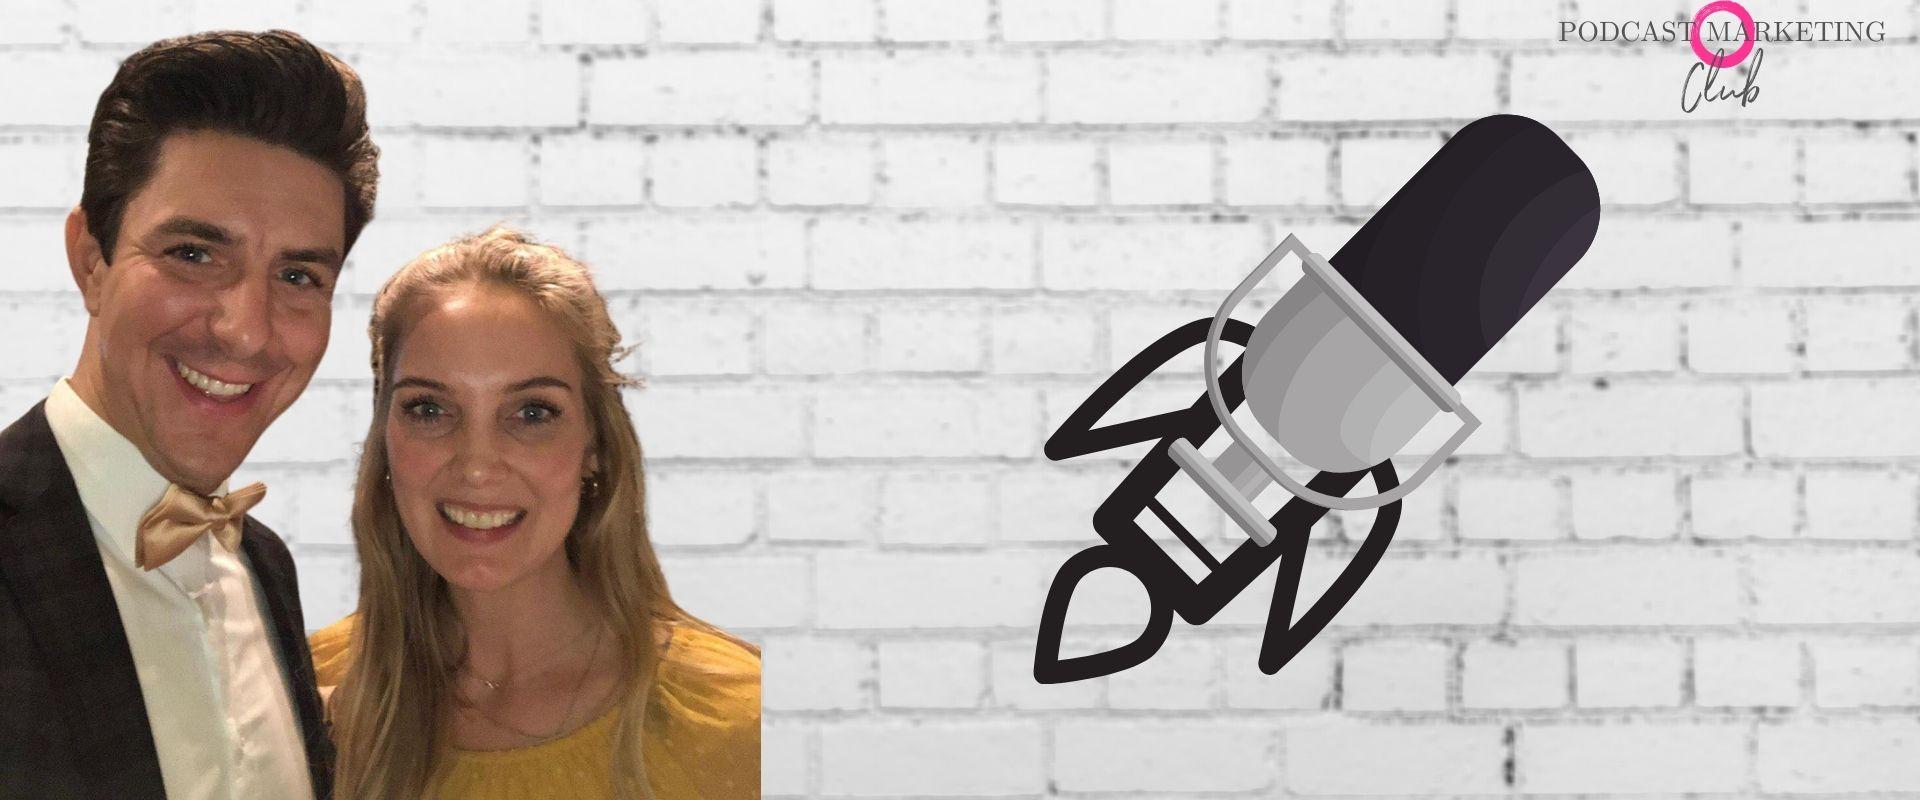 Lohnt sich ein Podcast relaunch David Dudek